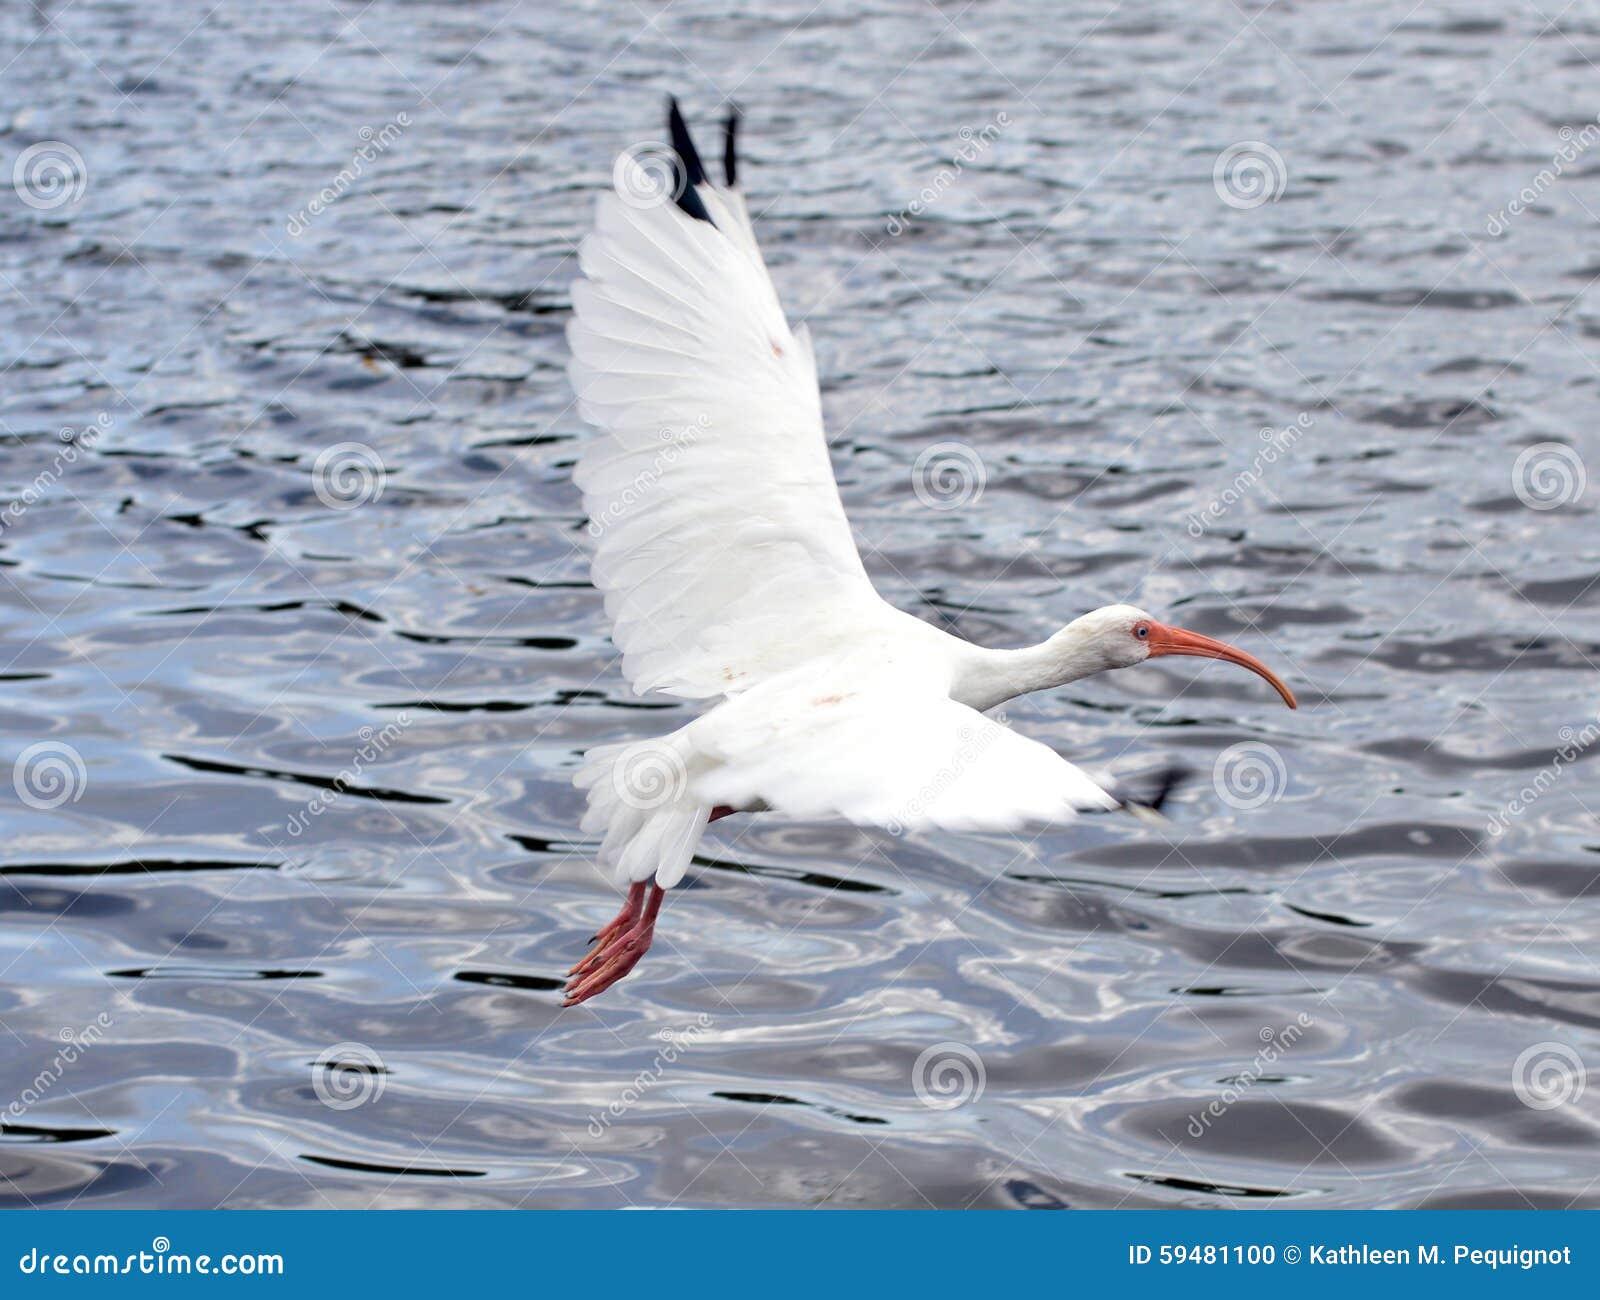 Witte vogel tijdens de vlucht over water